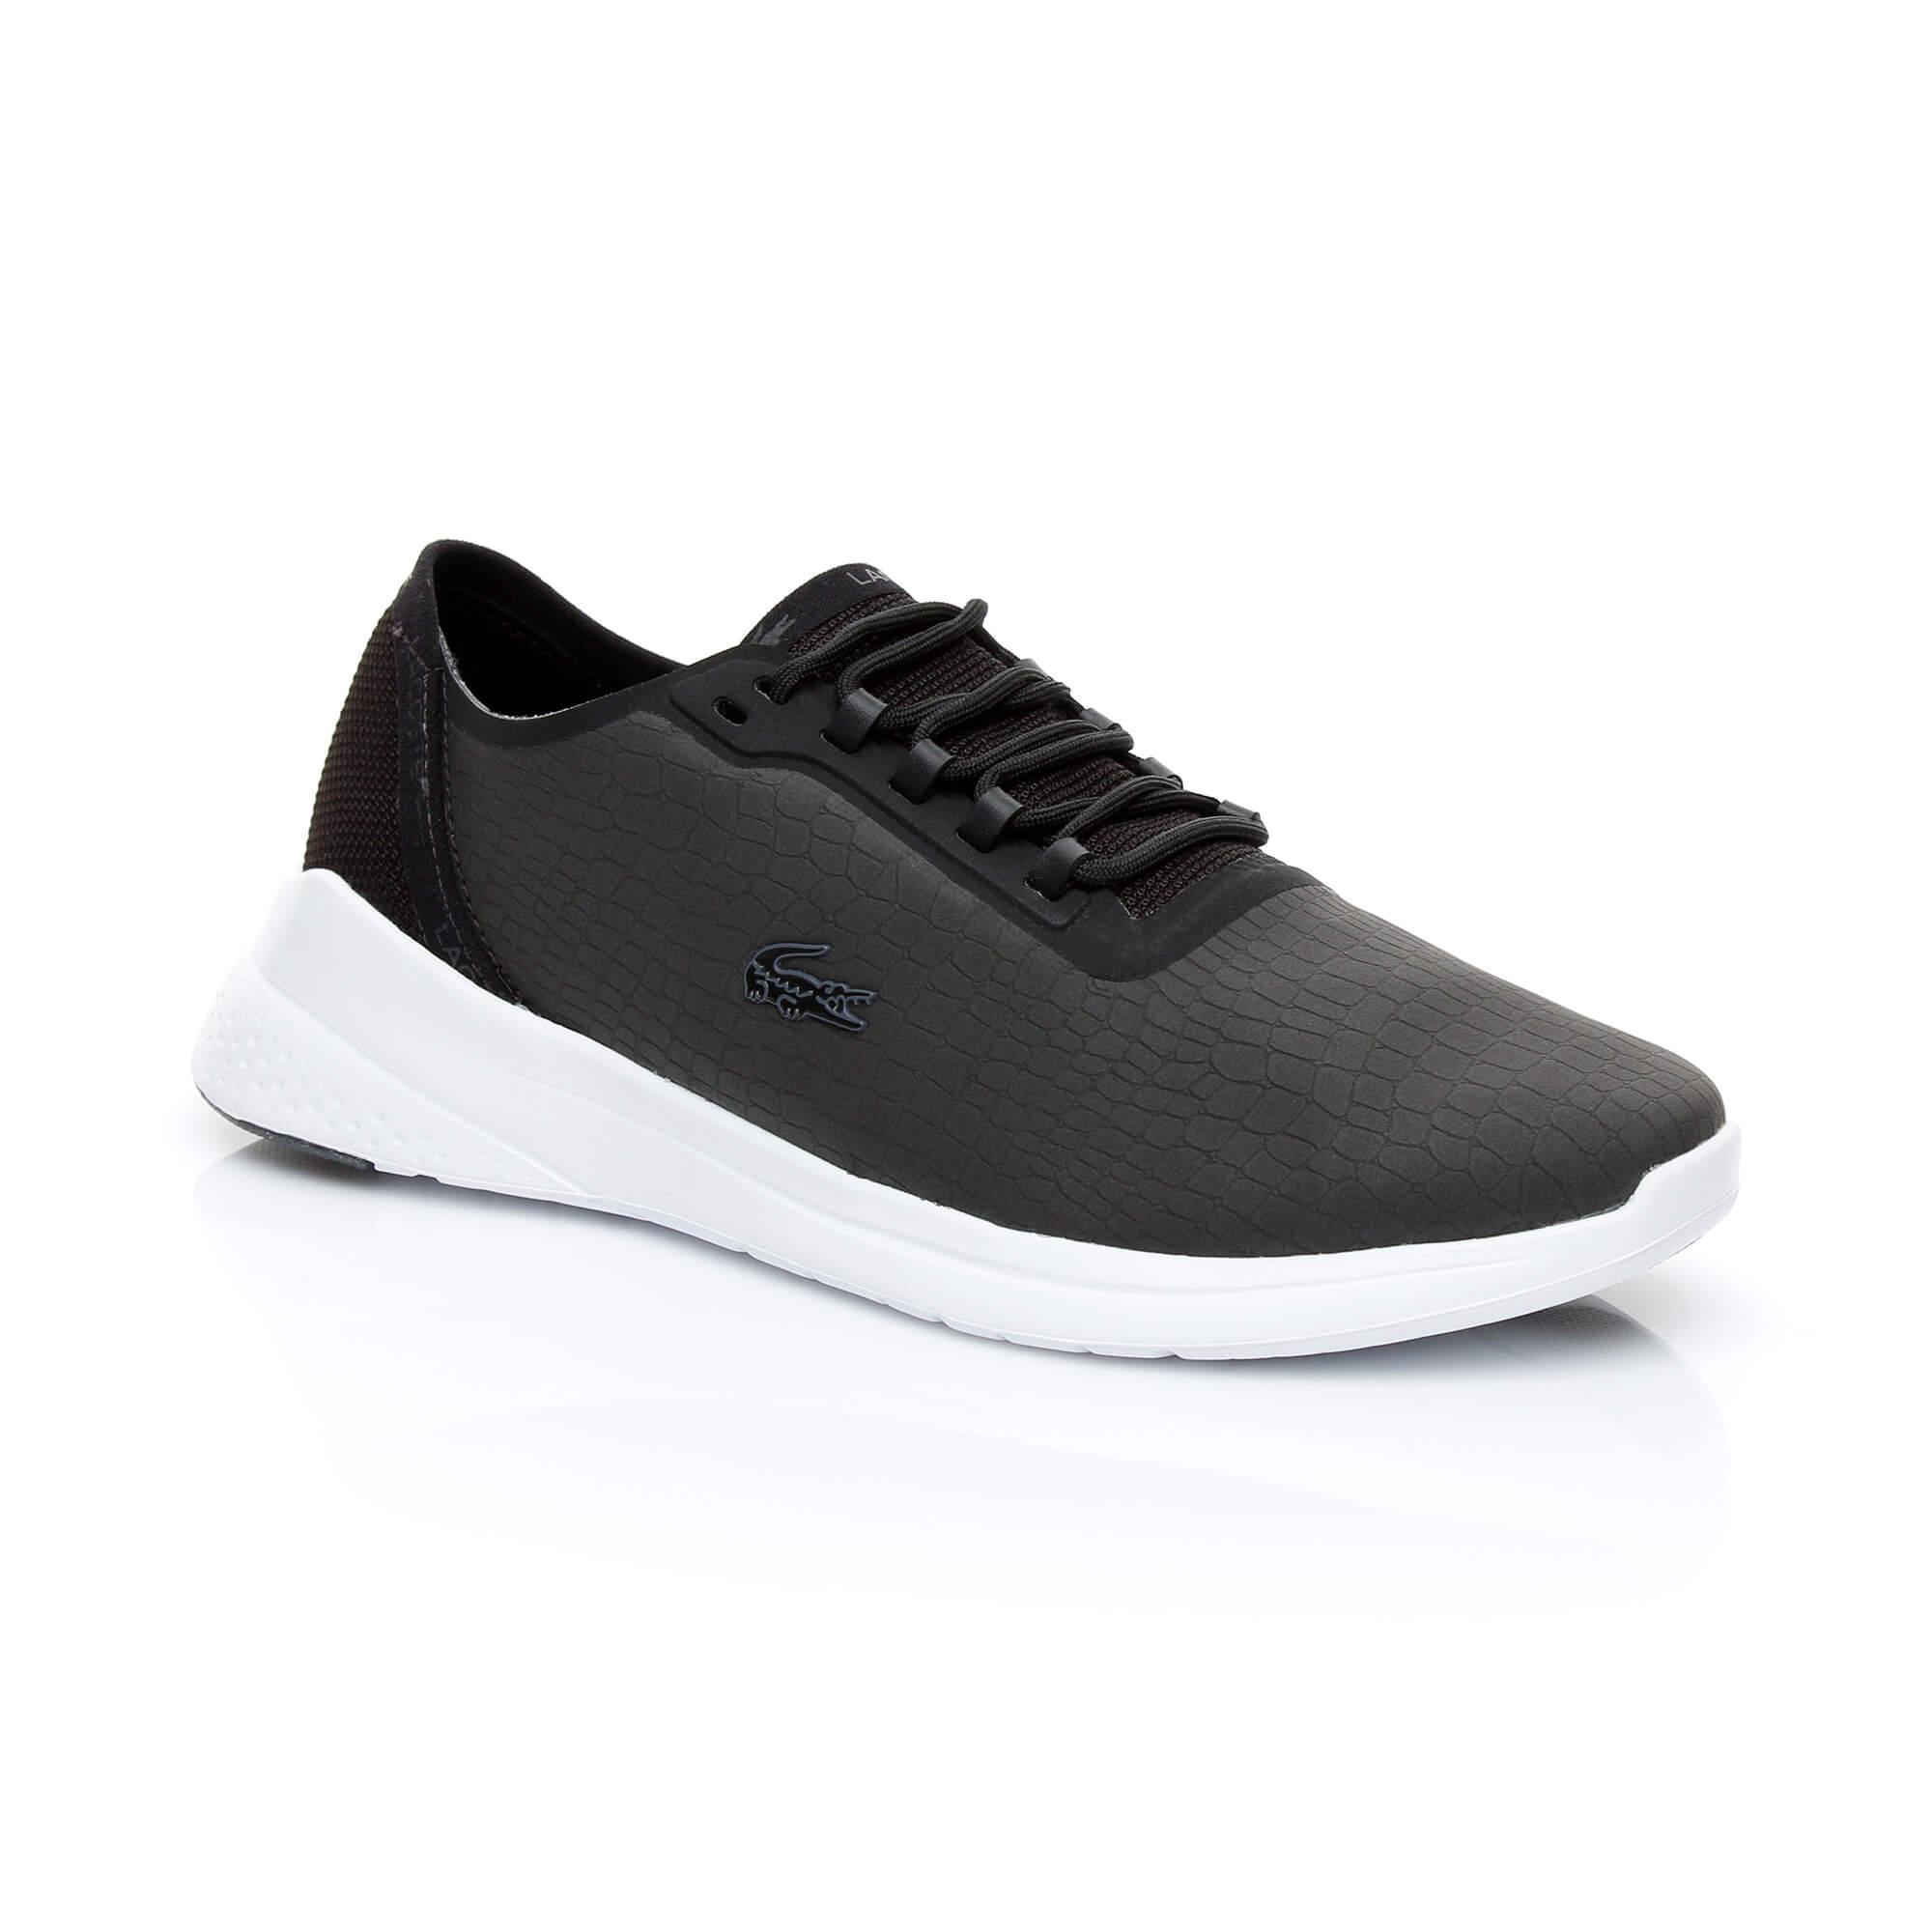 Lacoste LT Fit Erkek Sneaker